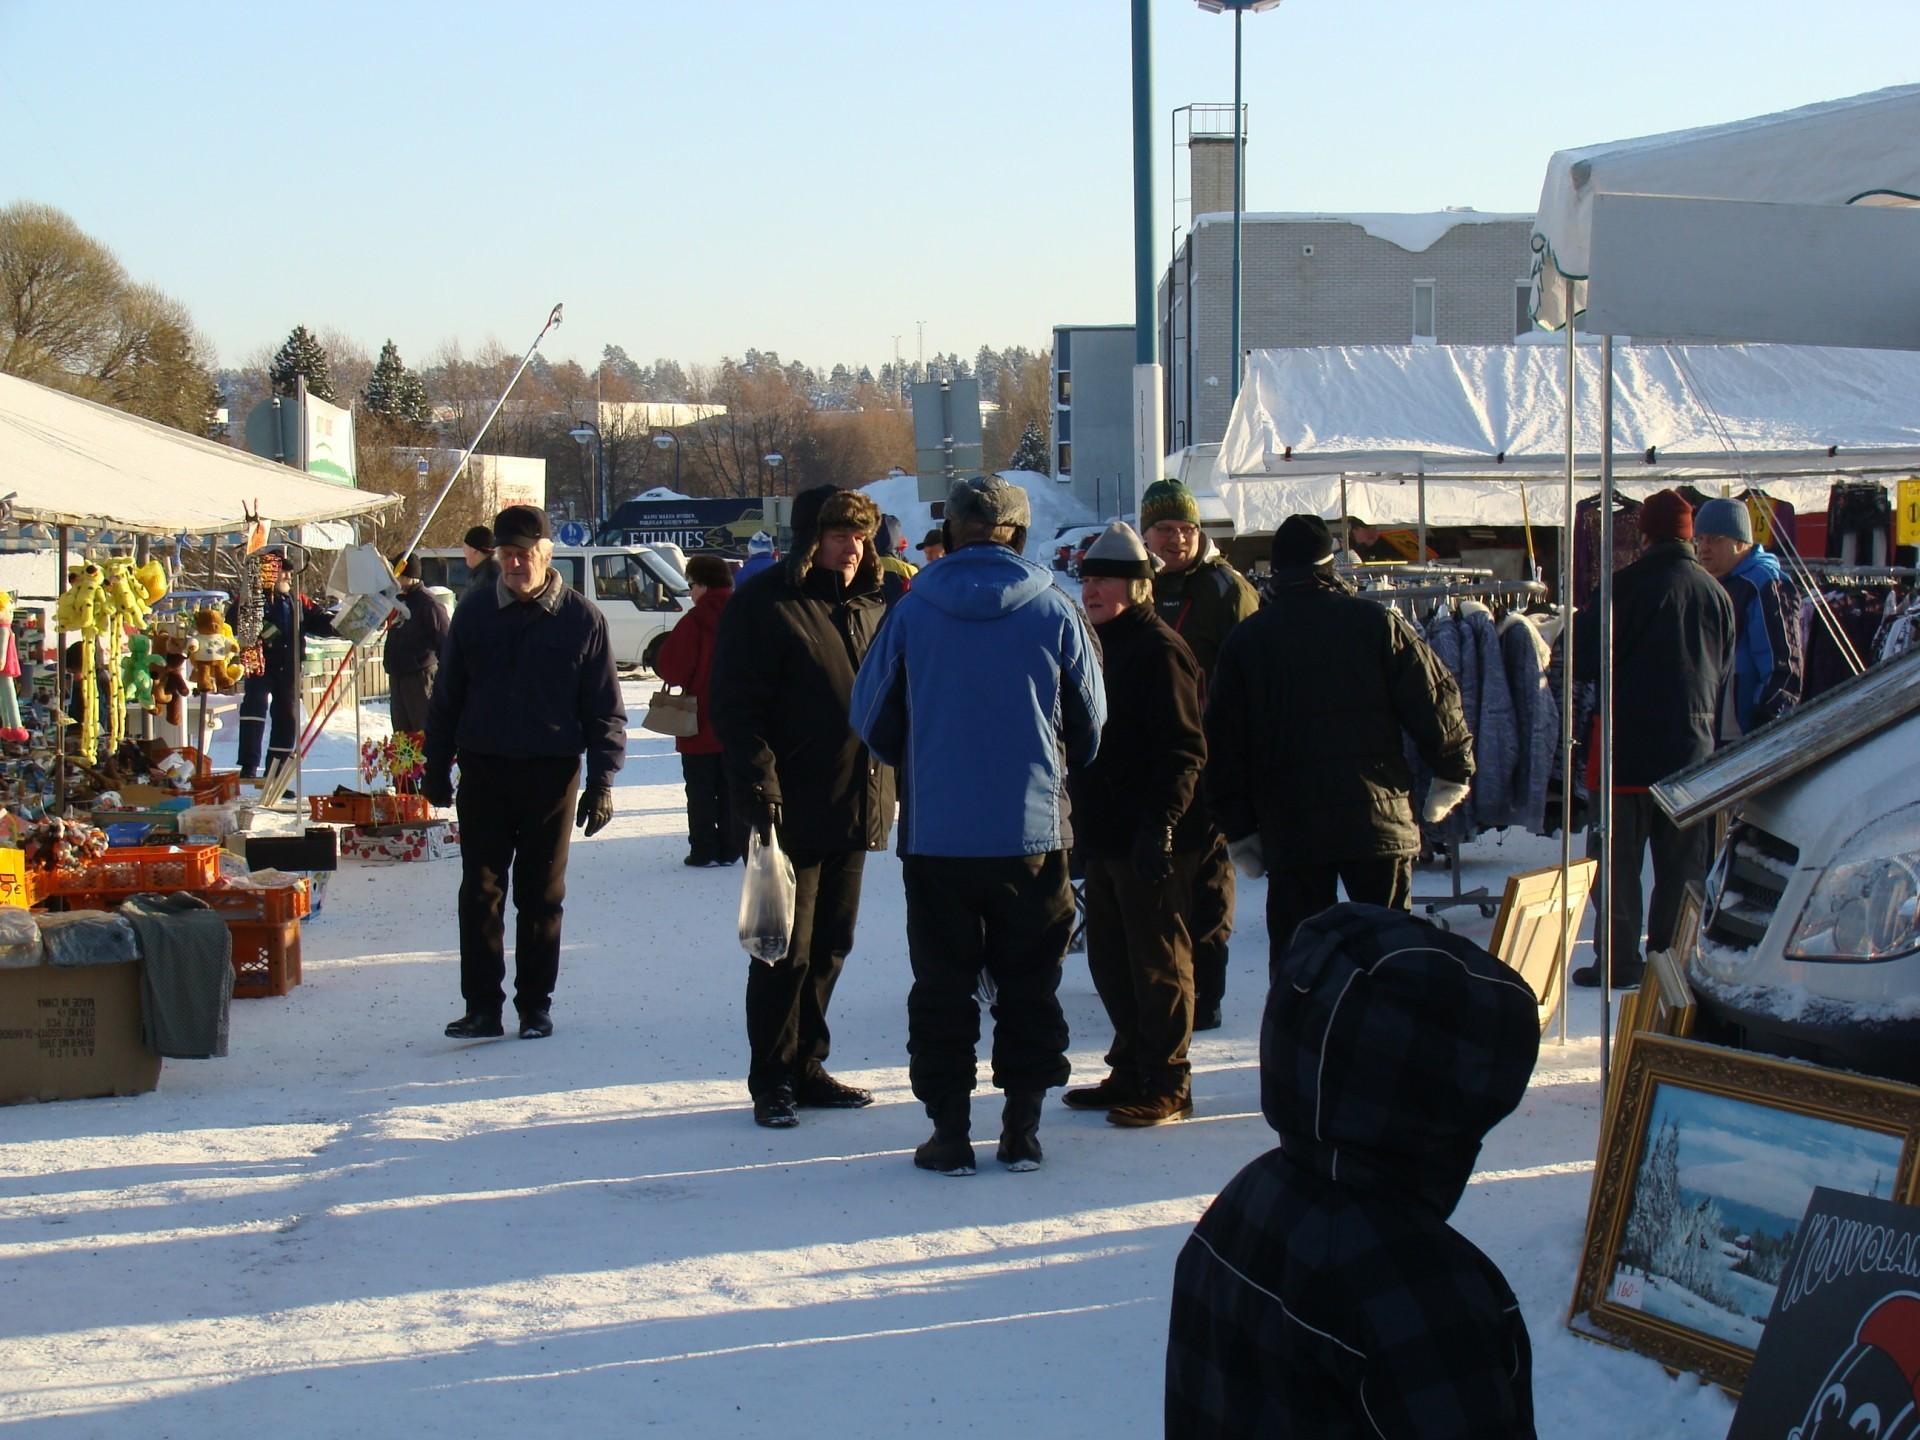 Kajaanin markkinat Kauppatorilla joulukuussa 2010